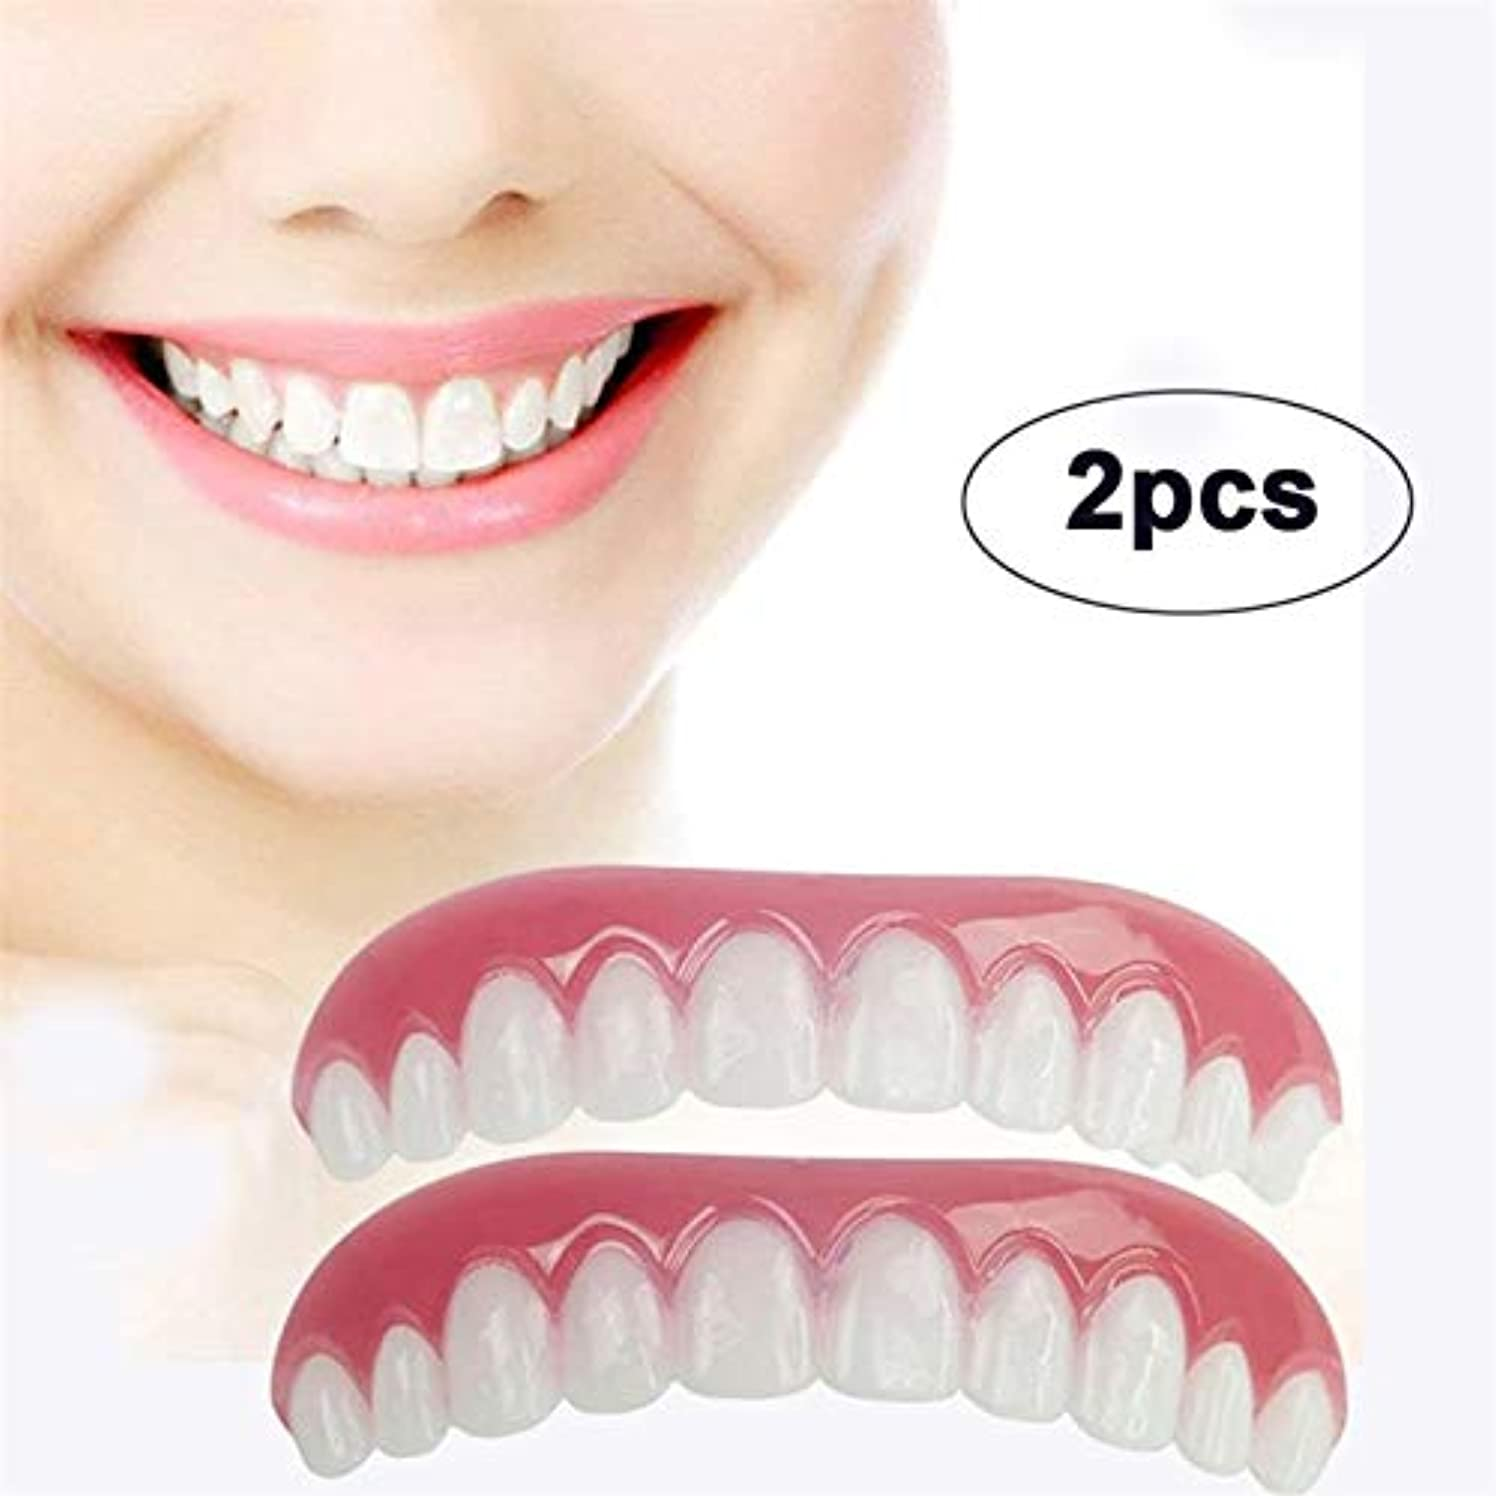 モンク相互接続ヒロイン2 ピース歯科ベニアコンフォートフィットフレックス化粧品歯義歯歯トップ化粧品ベニヤポリエチレン Dentaduras Dentes Falsos